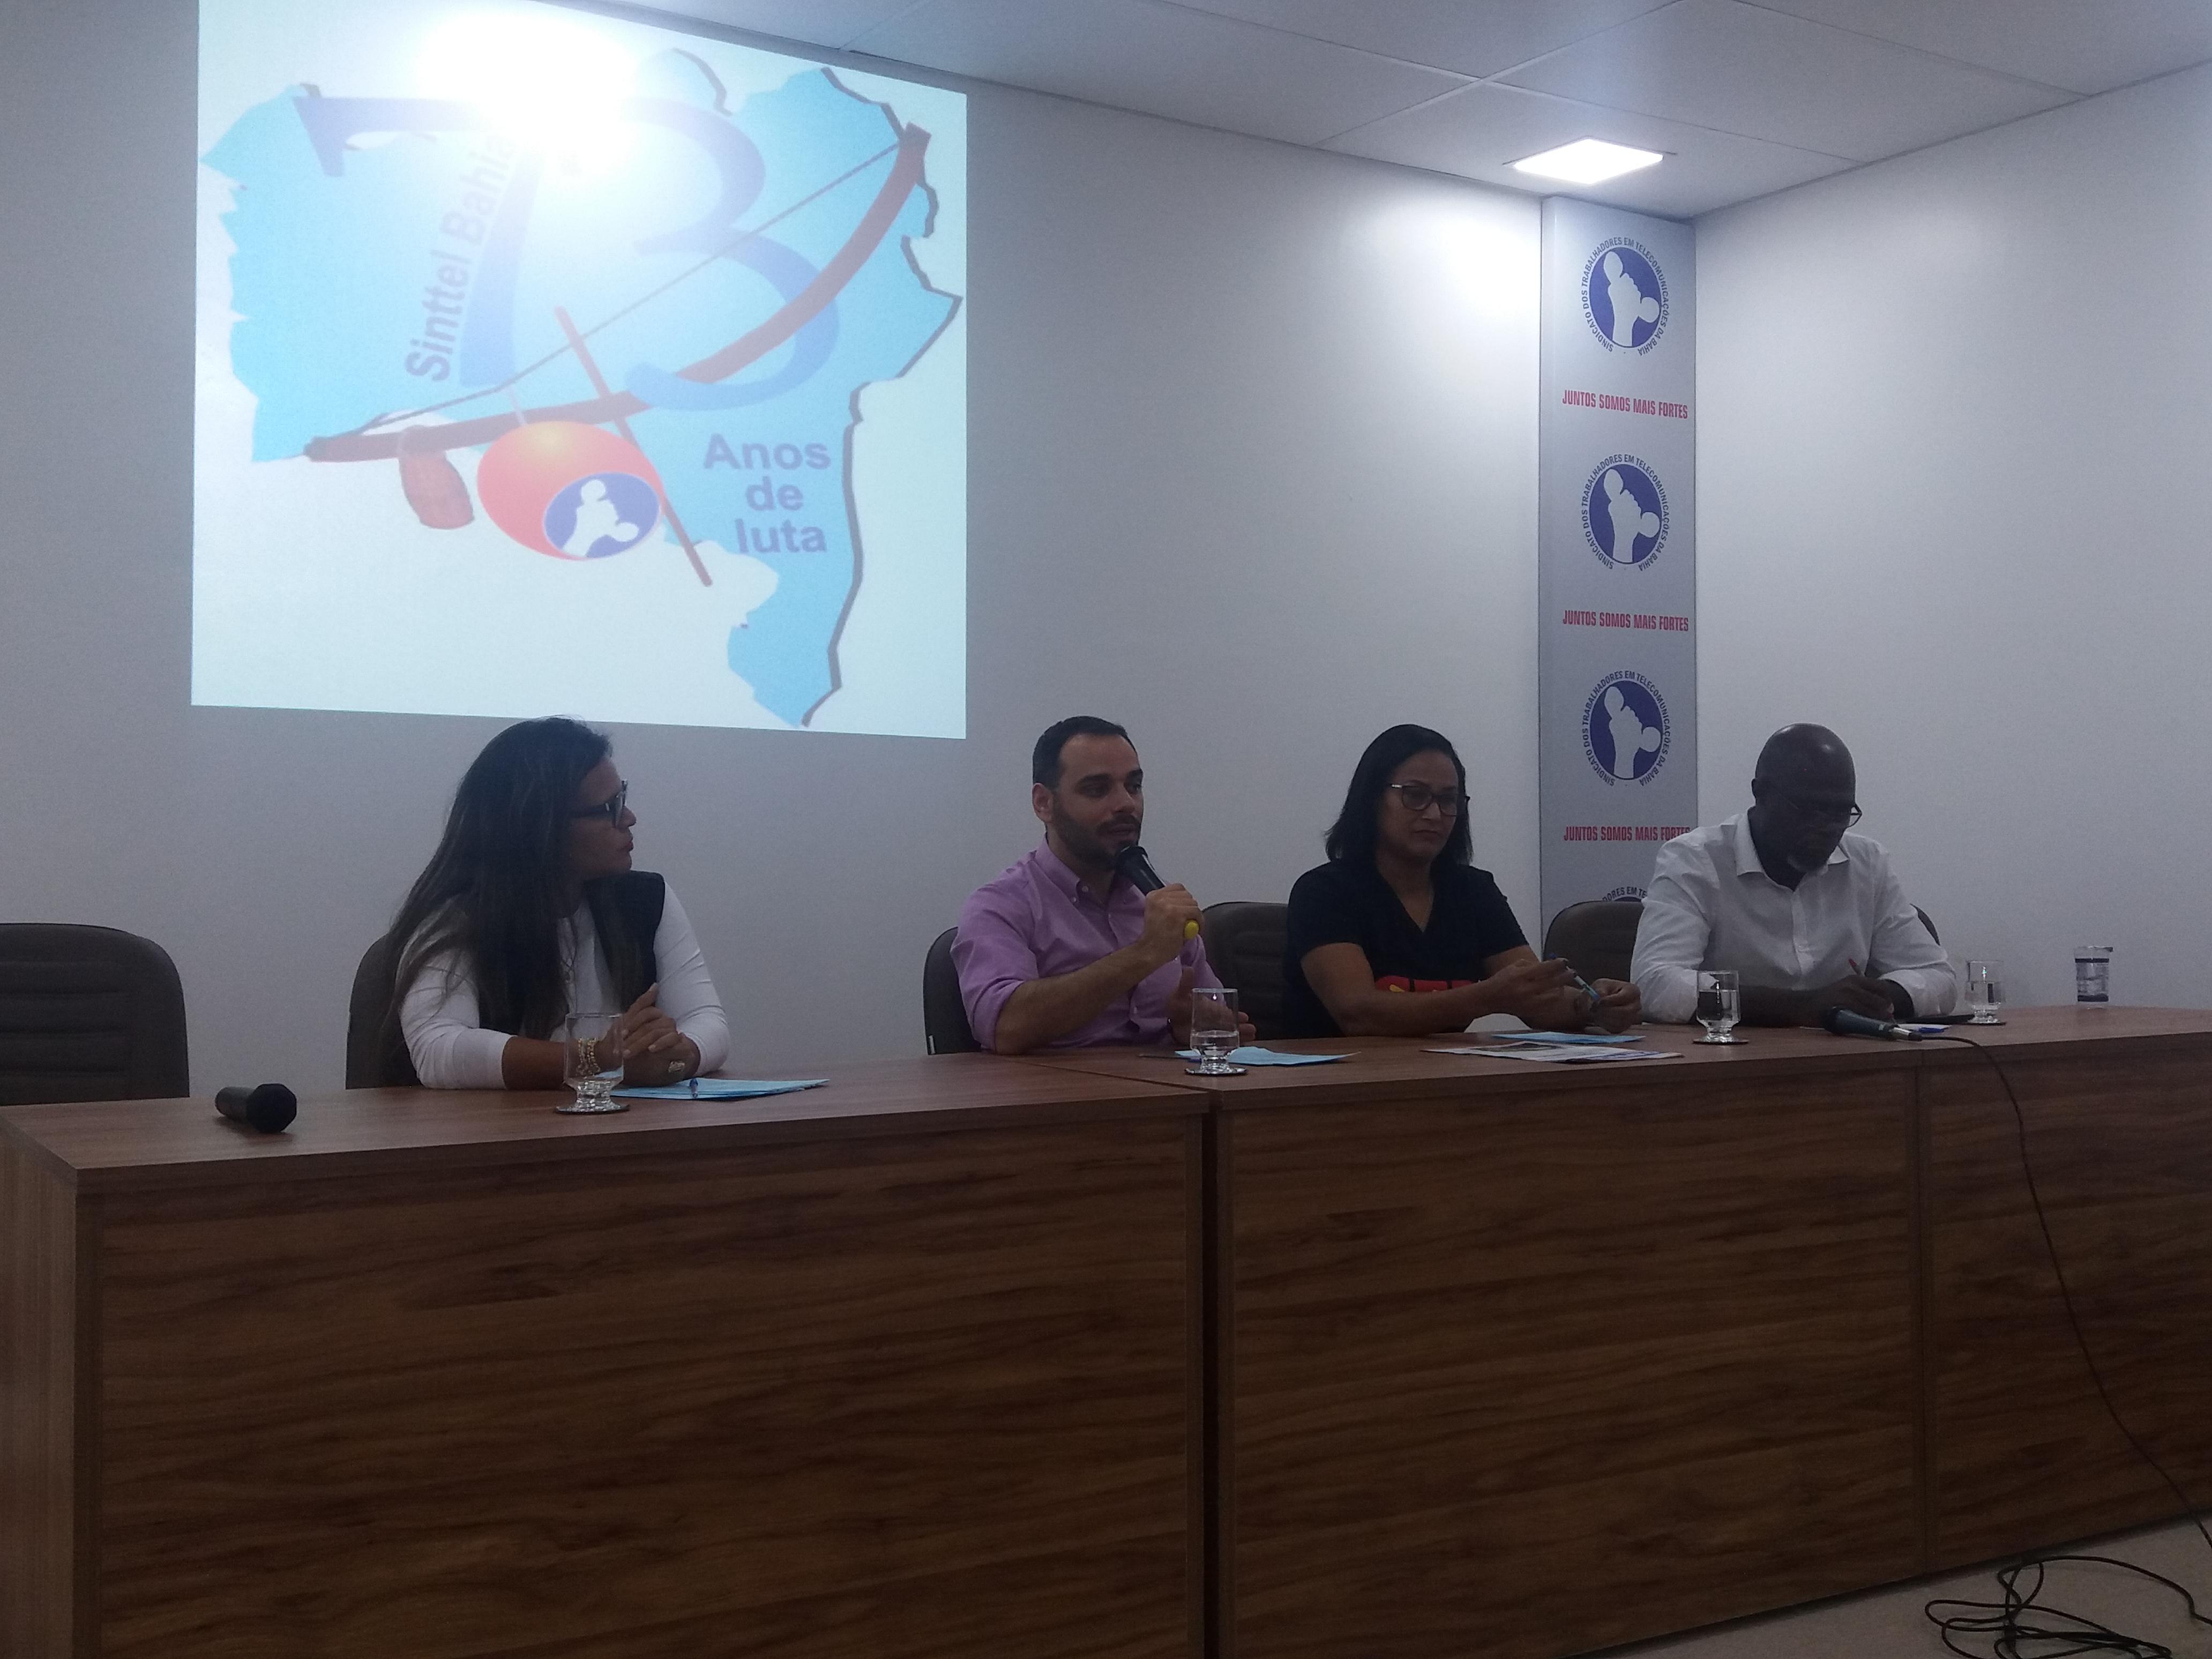 Sinttel discute a Reforma da Previdência com trabalhadores e dirigentes sindicais